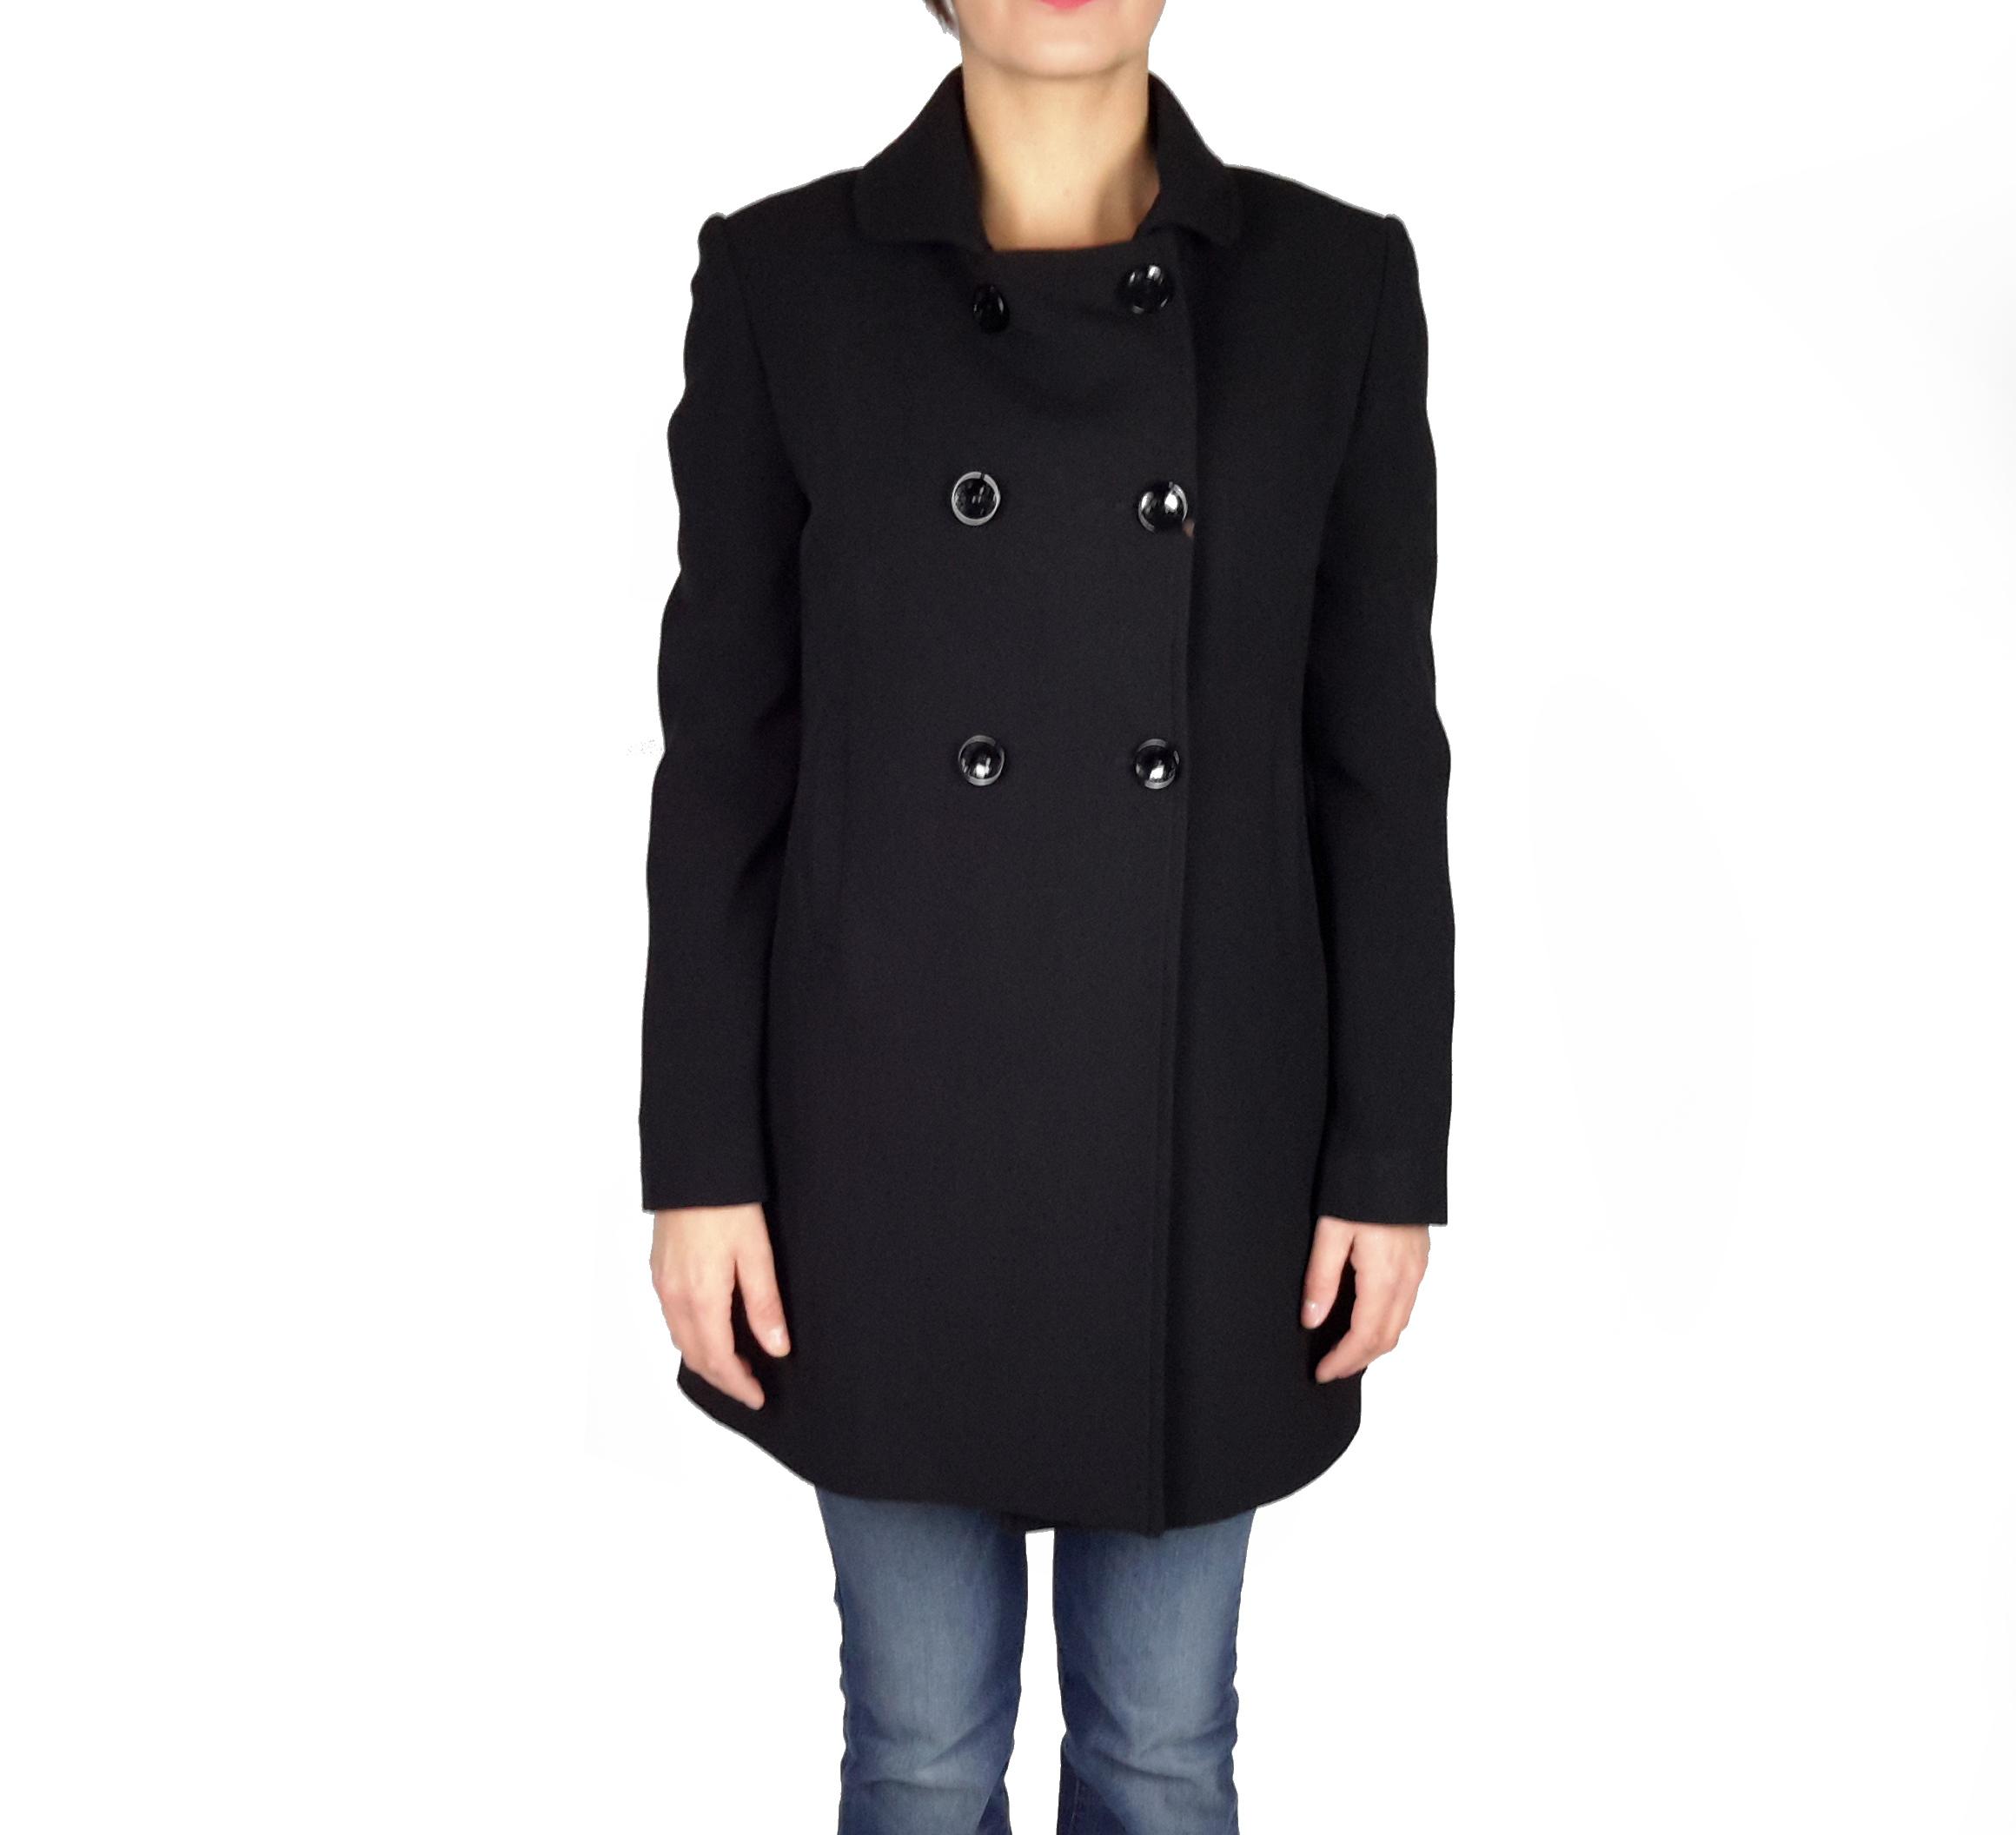 Cappotto Imperial Doppiopetto La Matta Abbigliamento 9905e6209d1f